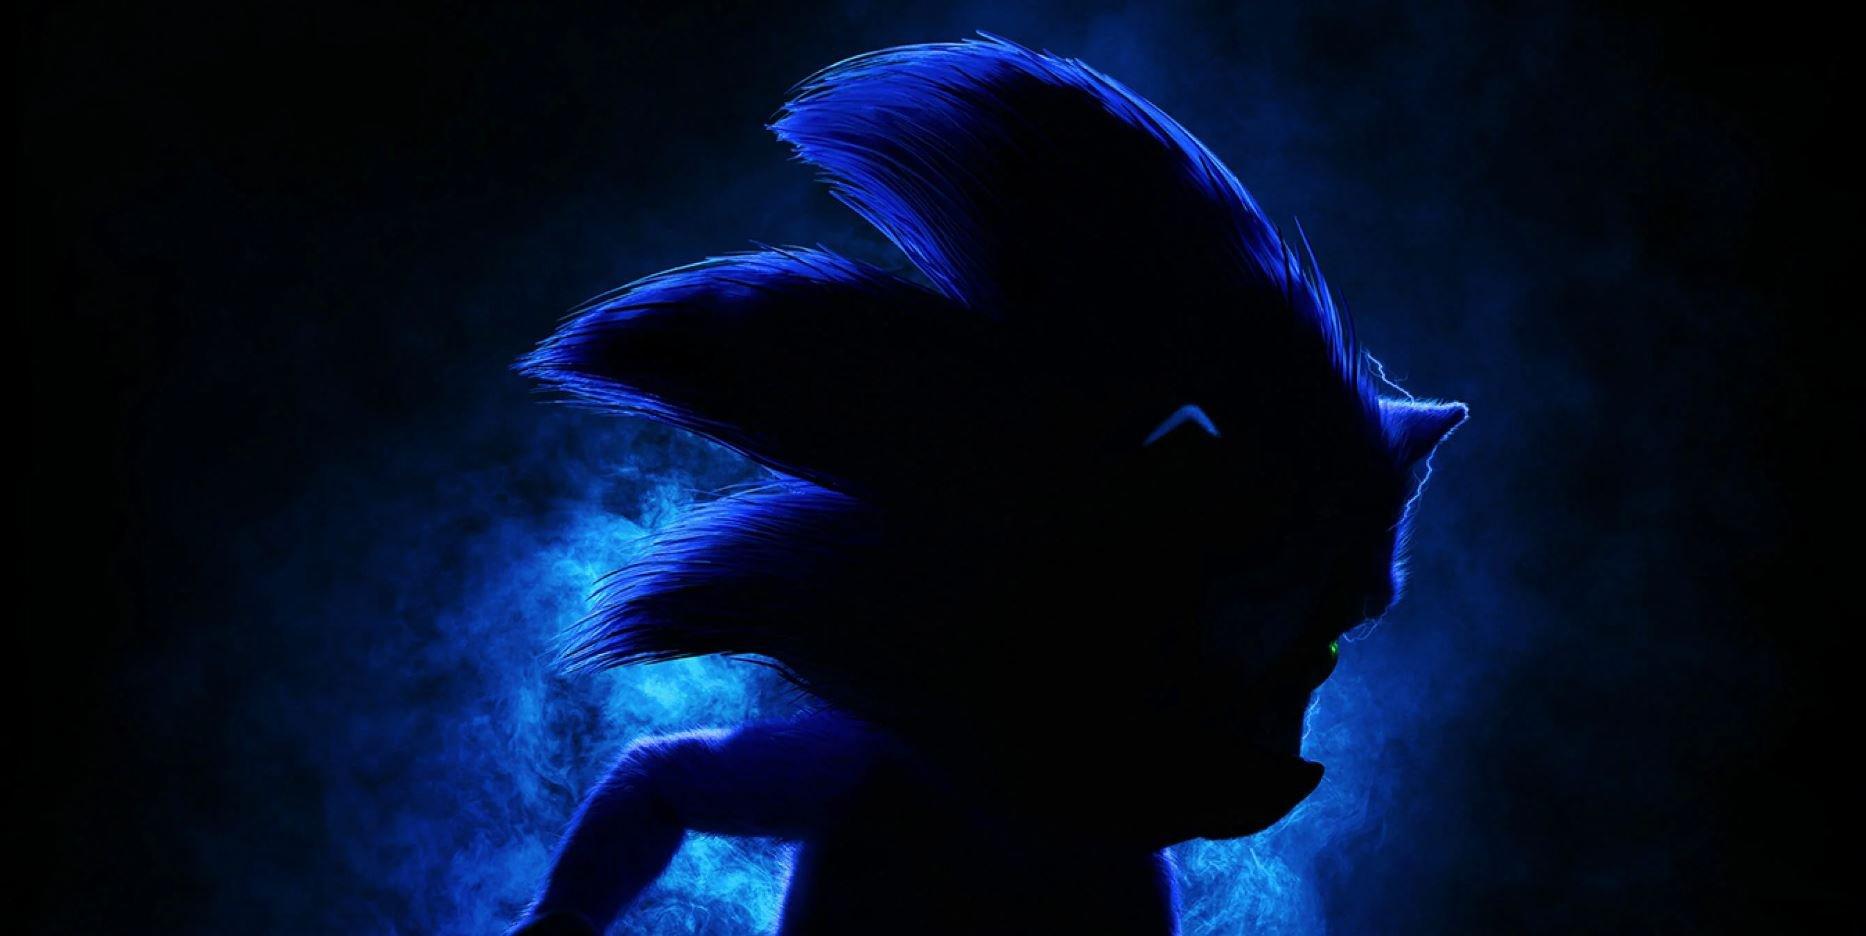 Jetez un coup d'oeil à la nouvelle affiche du film Sonic the Hedgehog